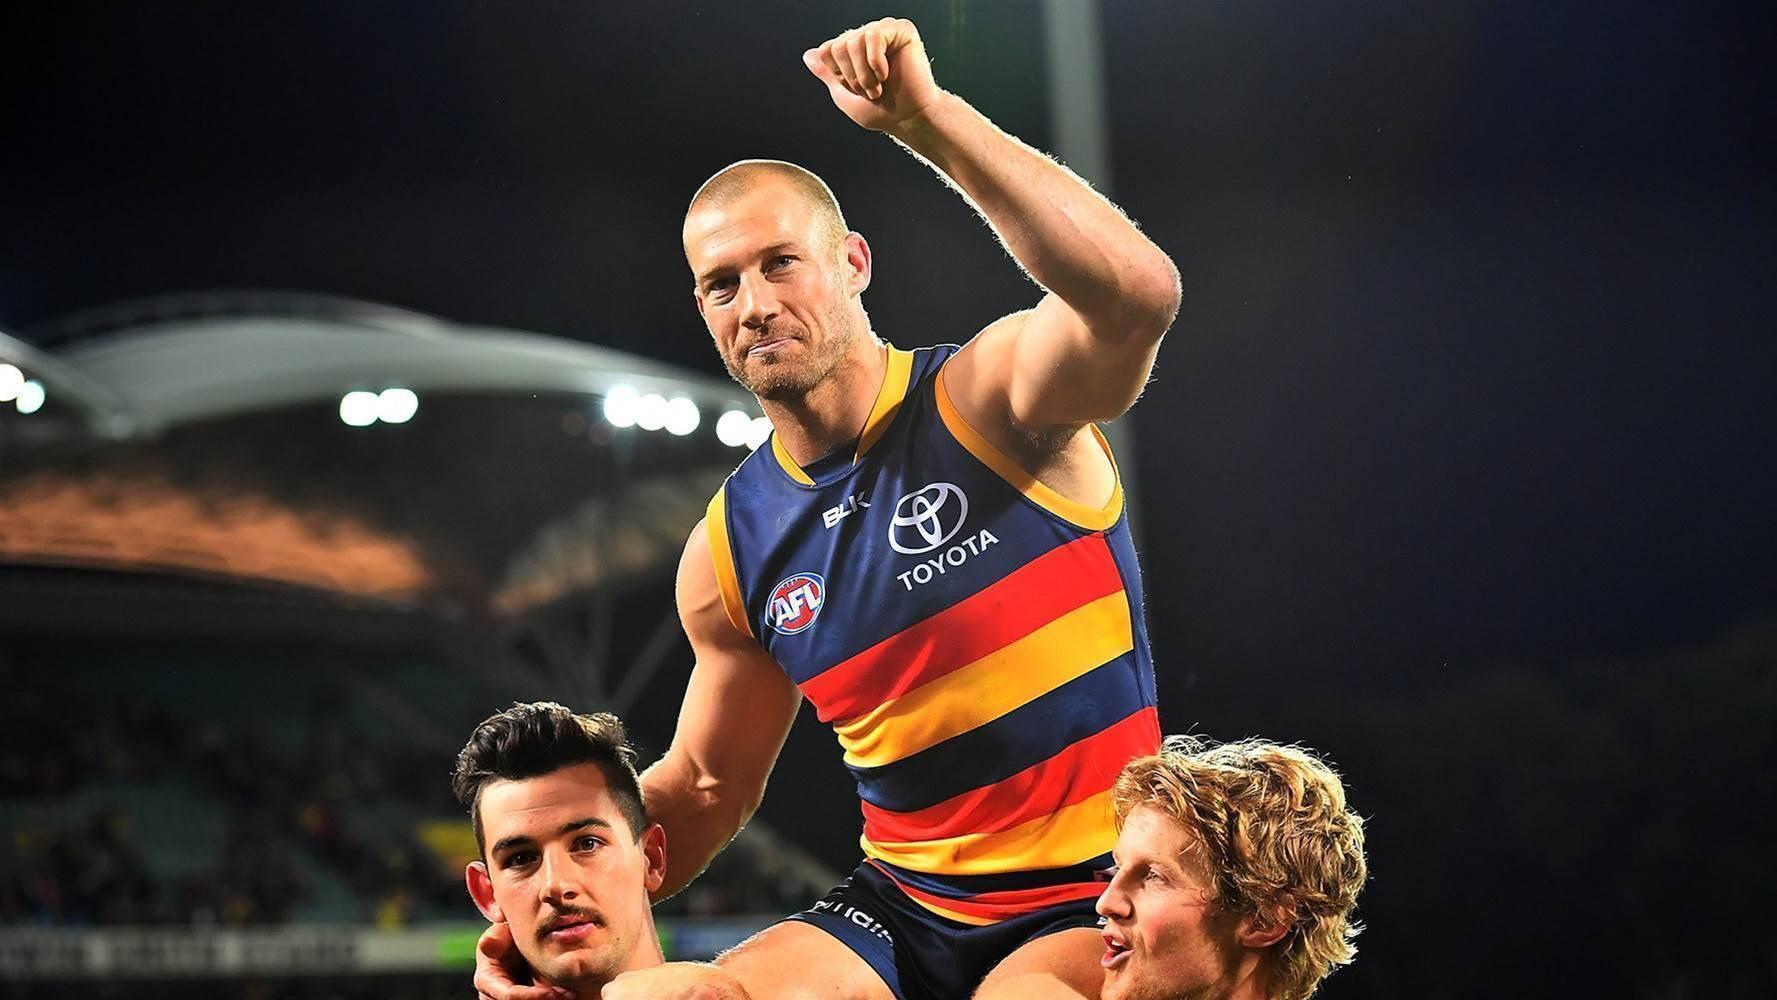 Adelaide's Scott Thompson retires from AFL